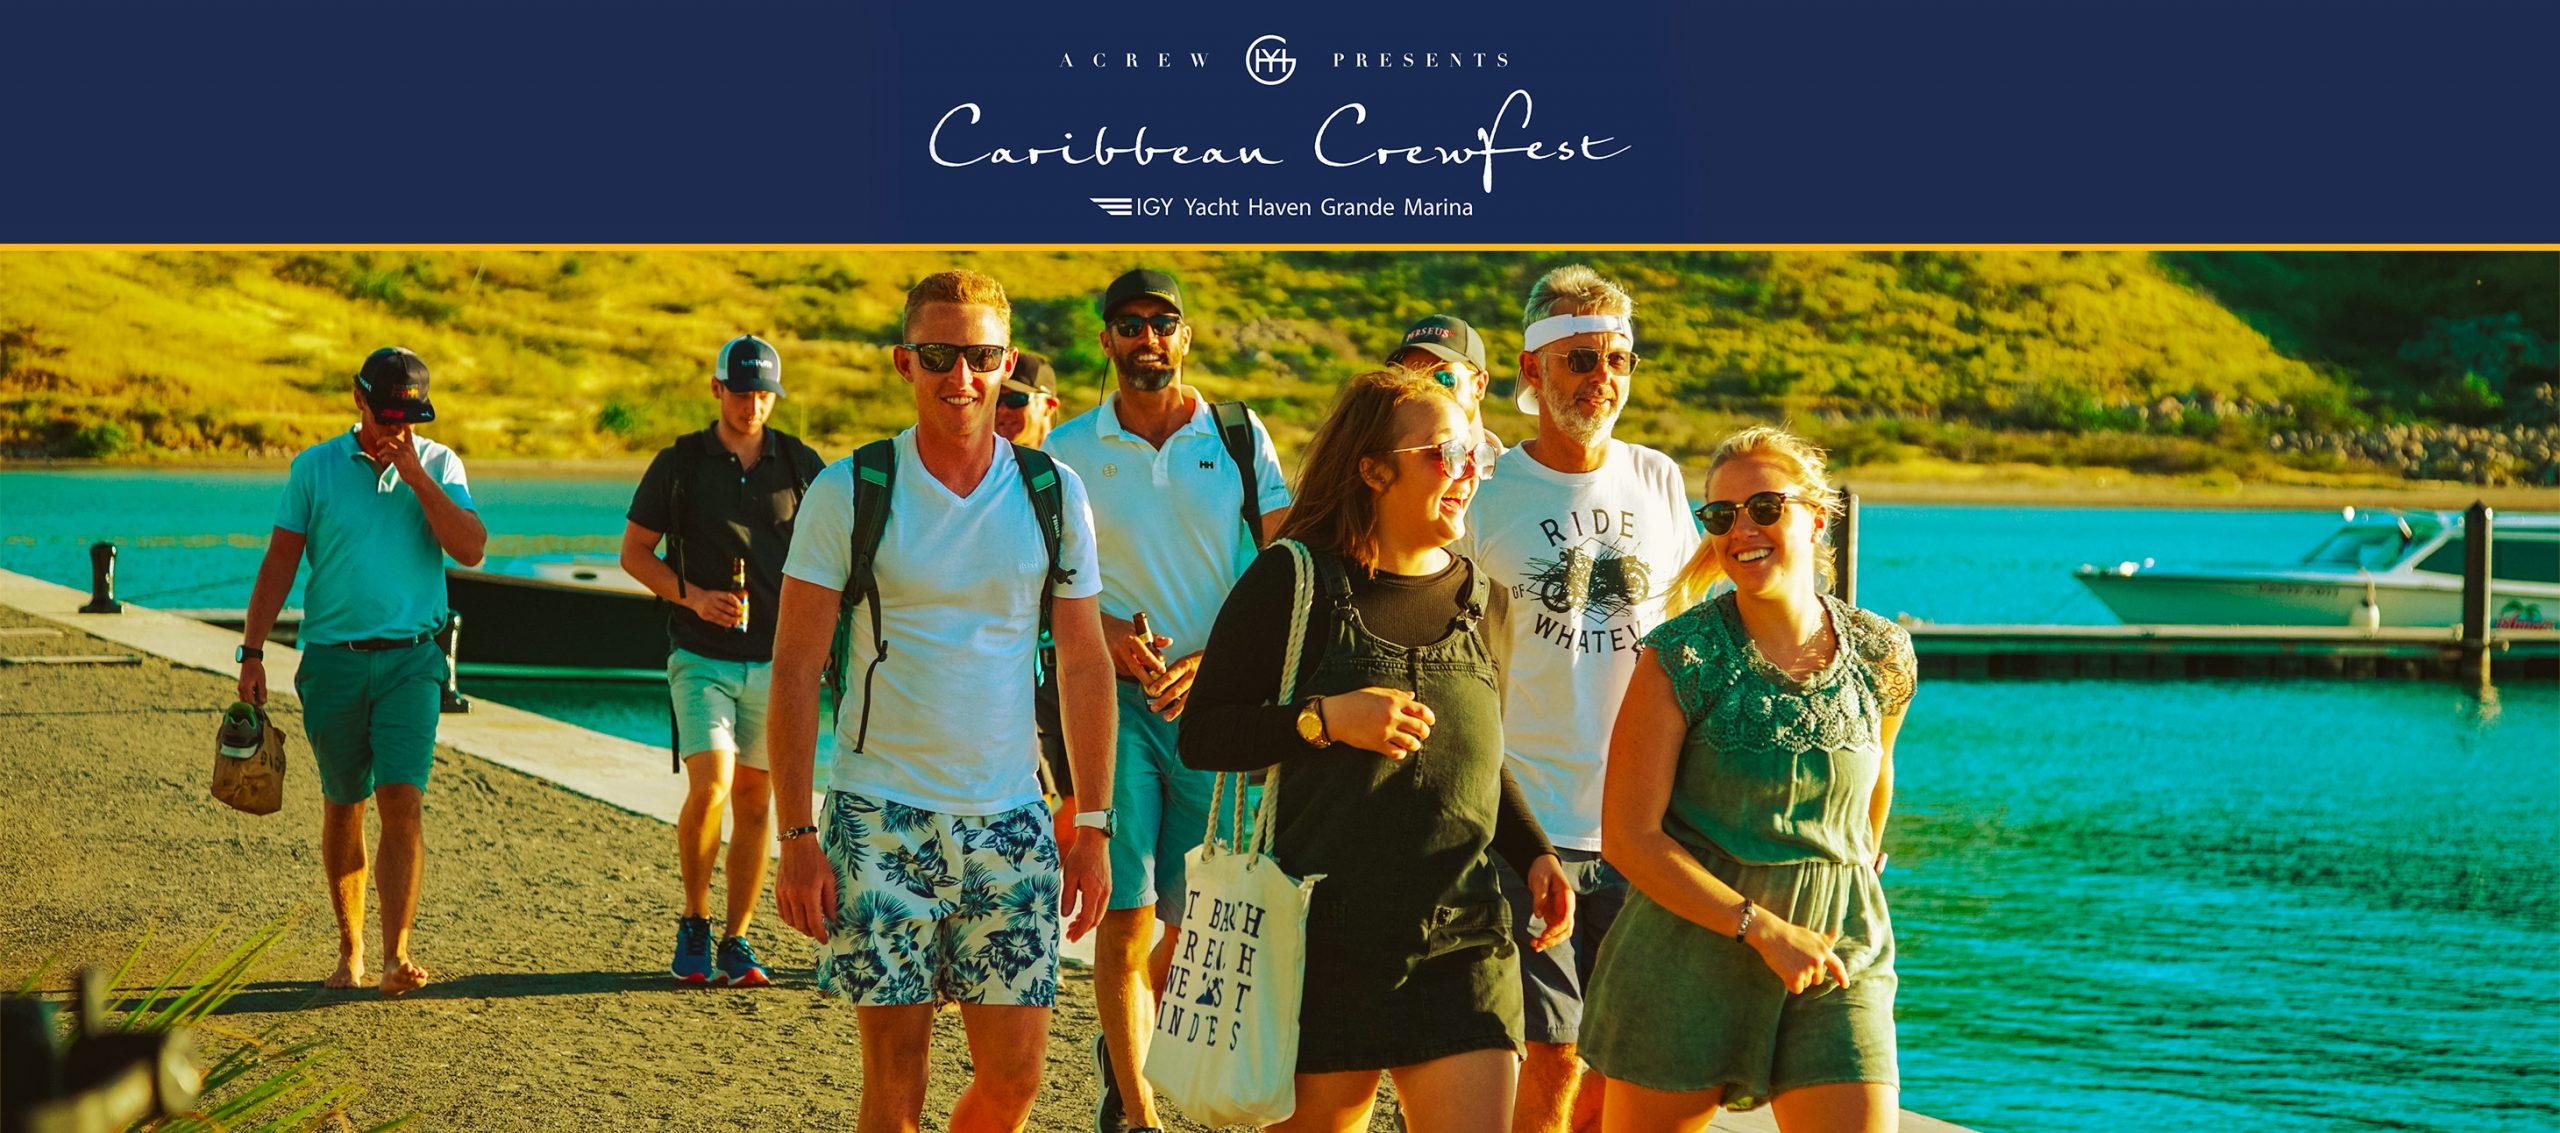 Caribbean Crewfest